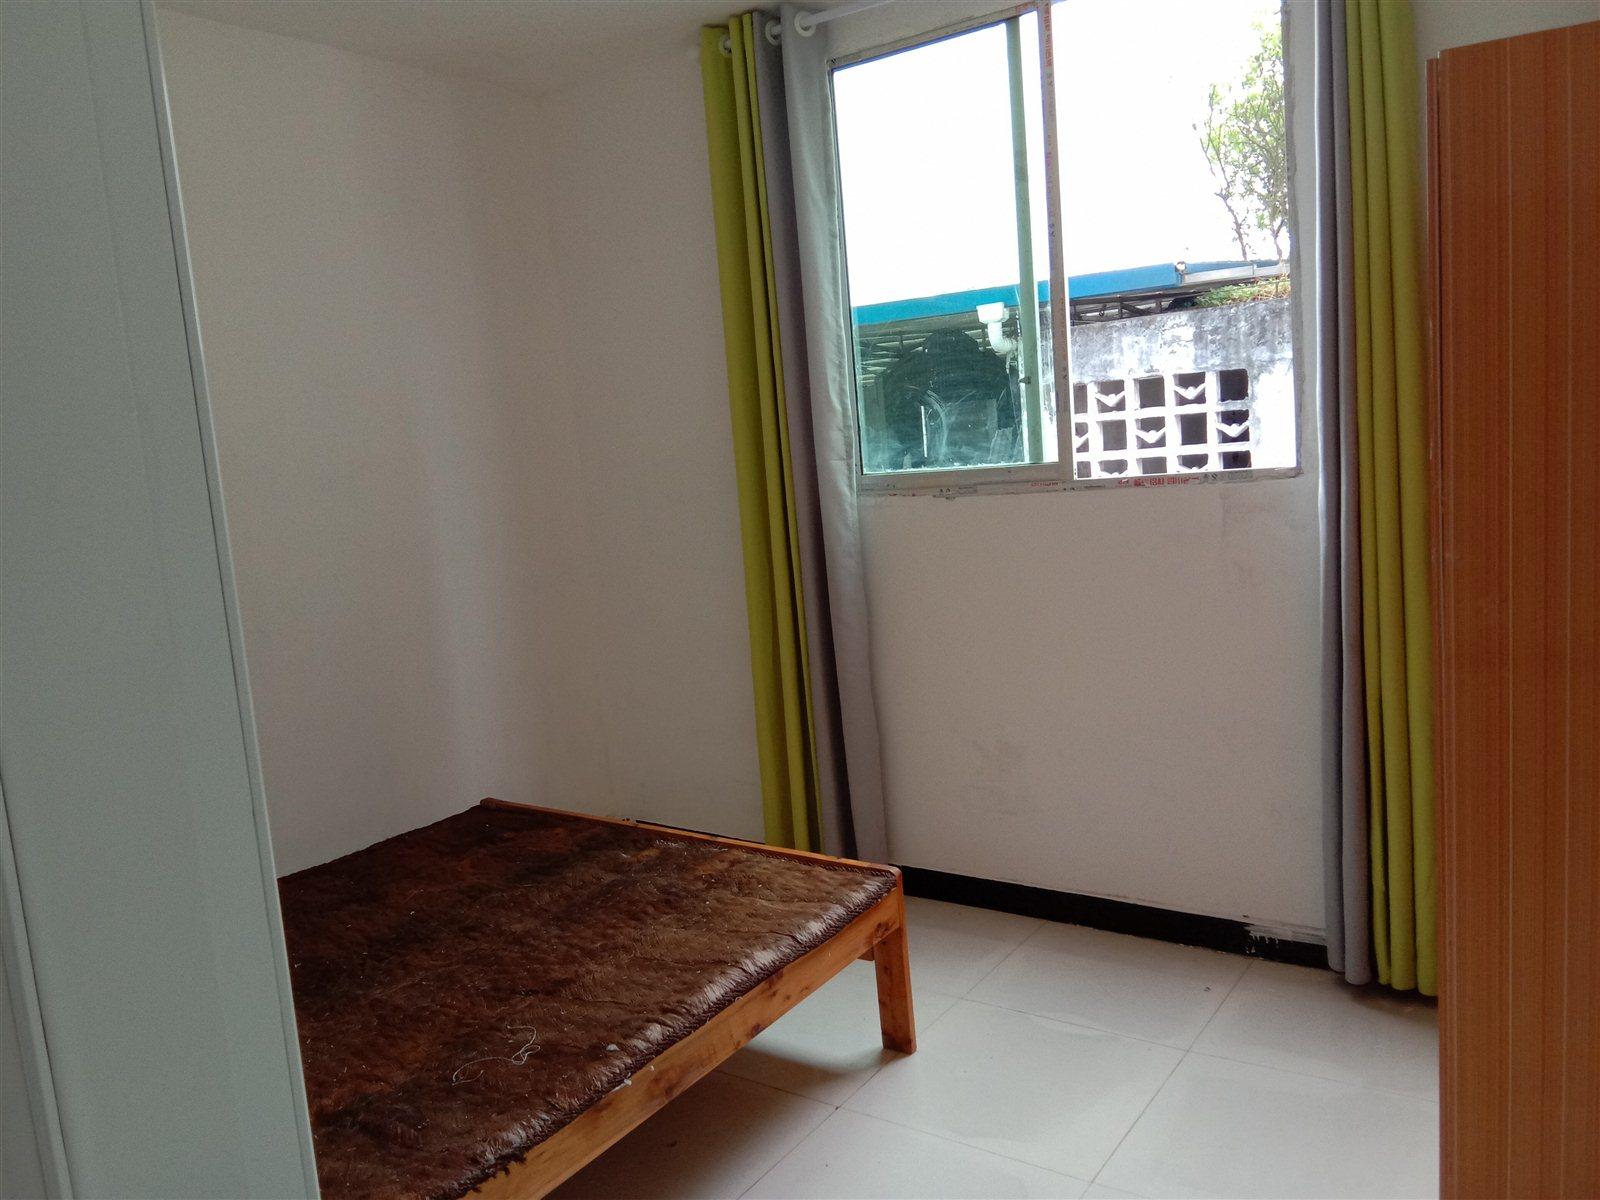 江南小区3室 2厅 2卫32.8万元买一套得两套